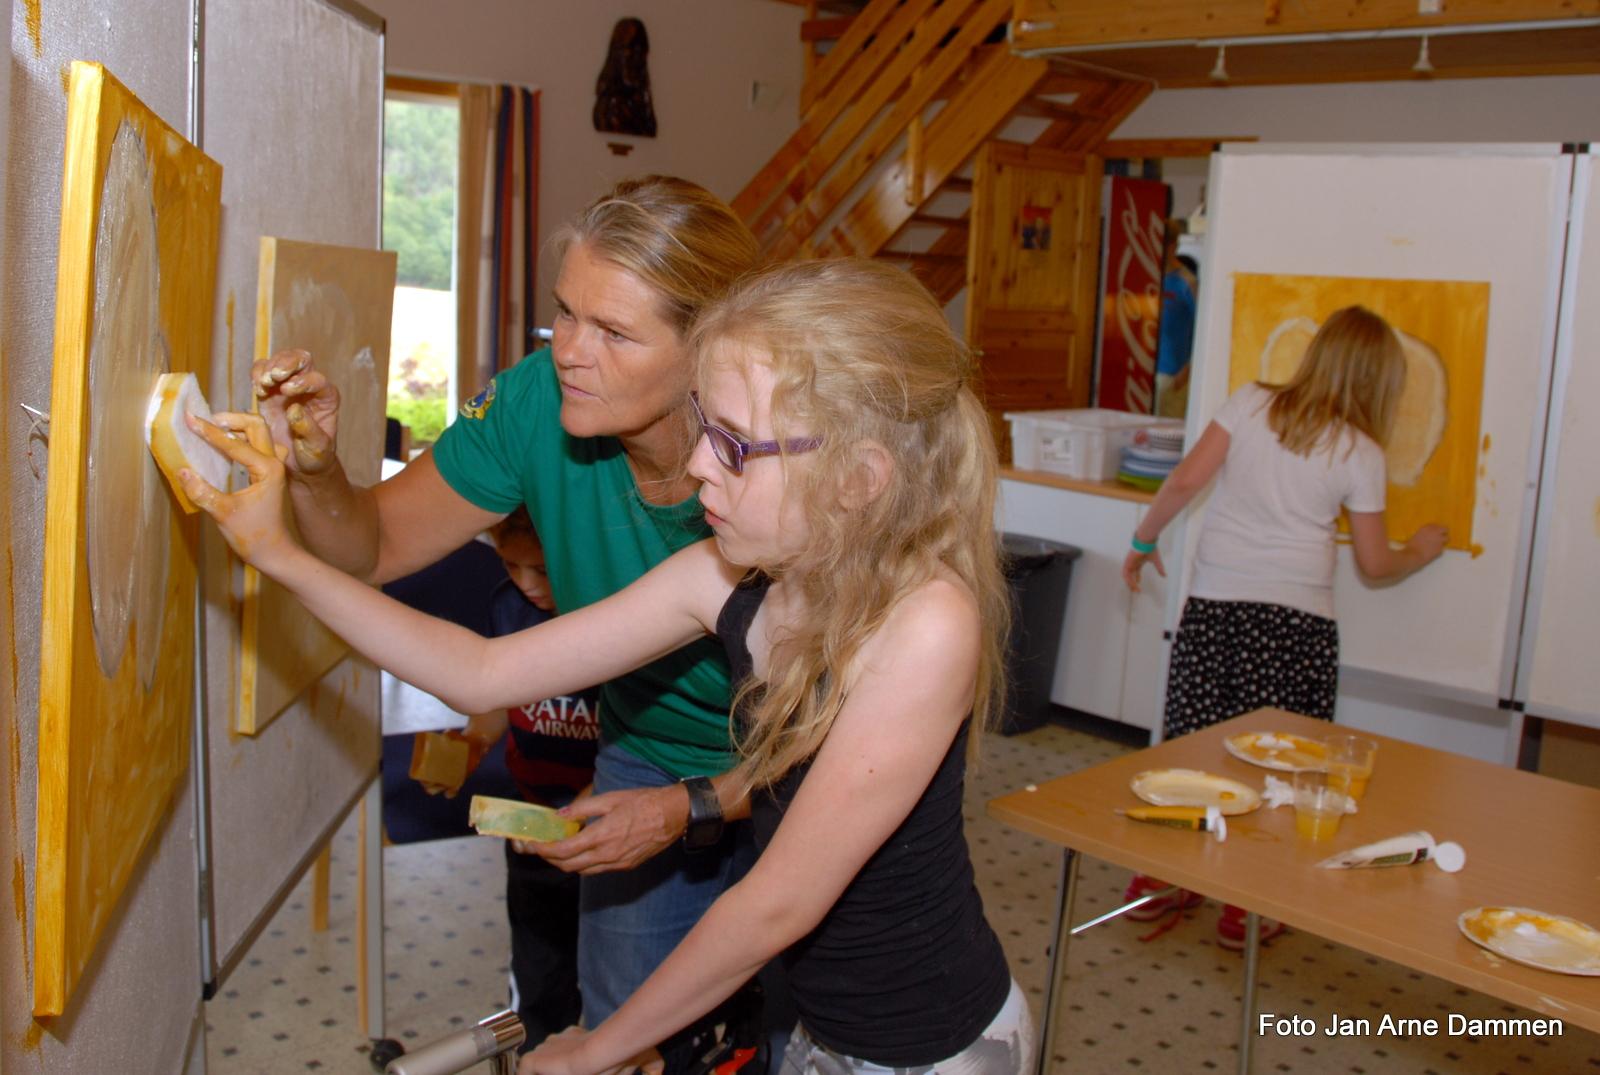 Kunstmaler Helle Wårås og Sarah Tegler. Foto Jan Arne Dammen